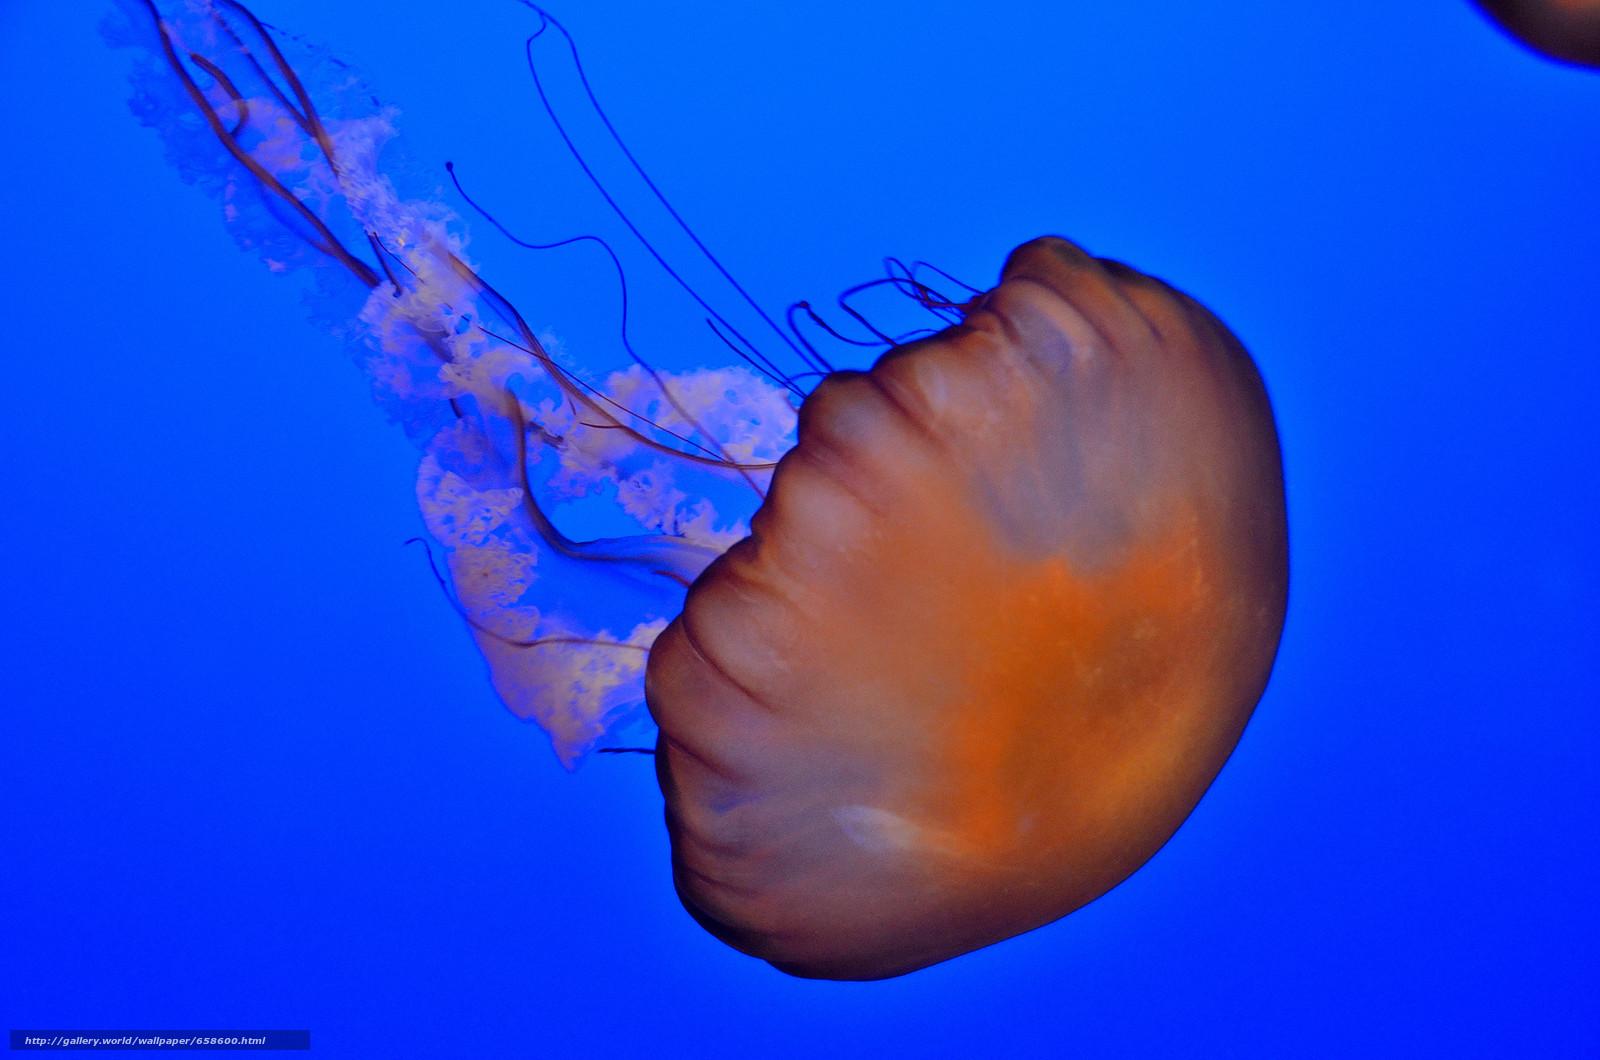 pobra tapety meduza,  Meduza,  Podwodny świat,  woda Darmowe tapety na pulpit rozdzielczoci 4928x3264 — zdjcie №658600